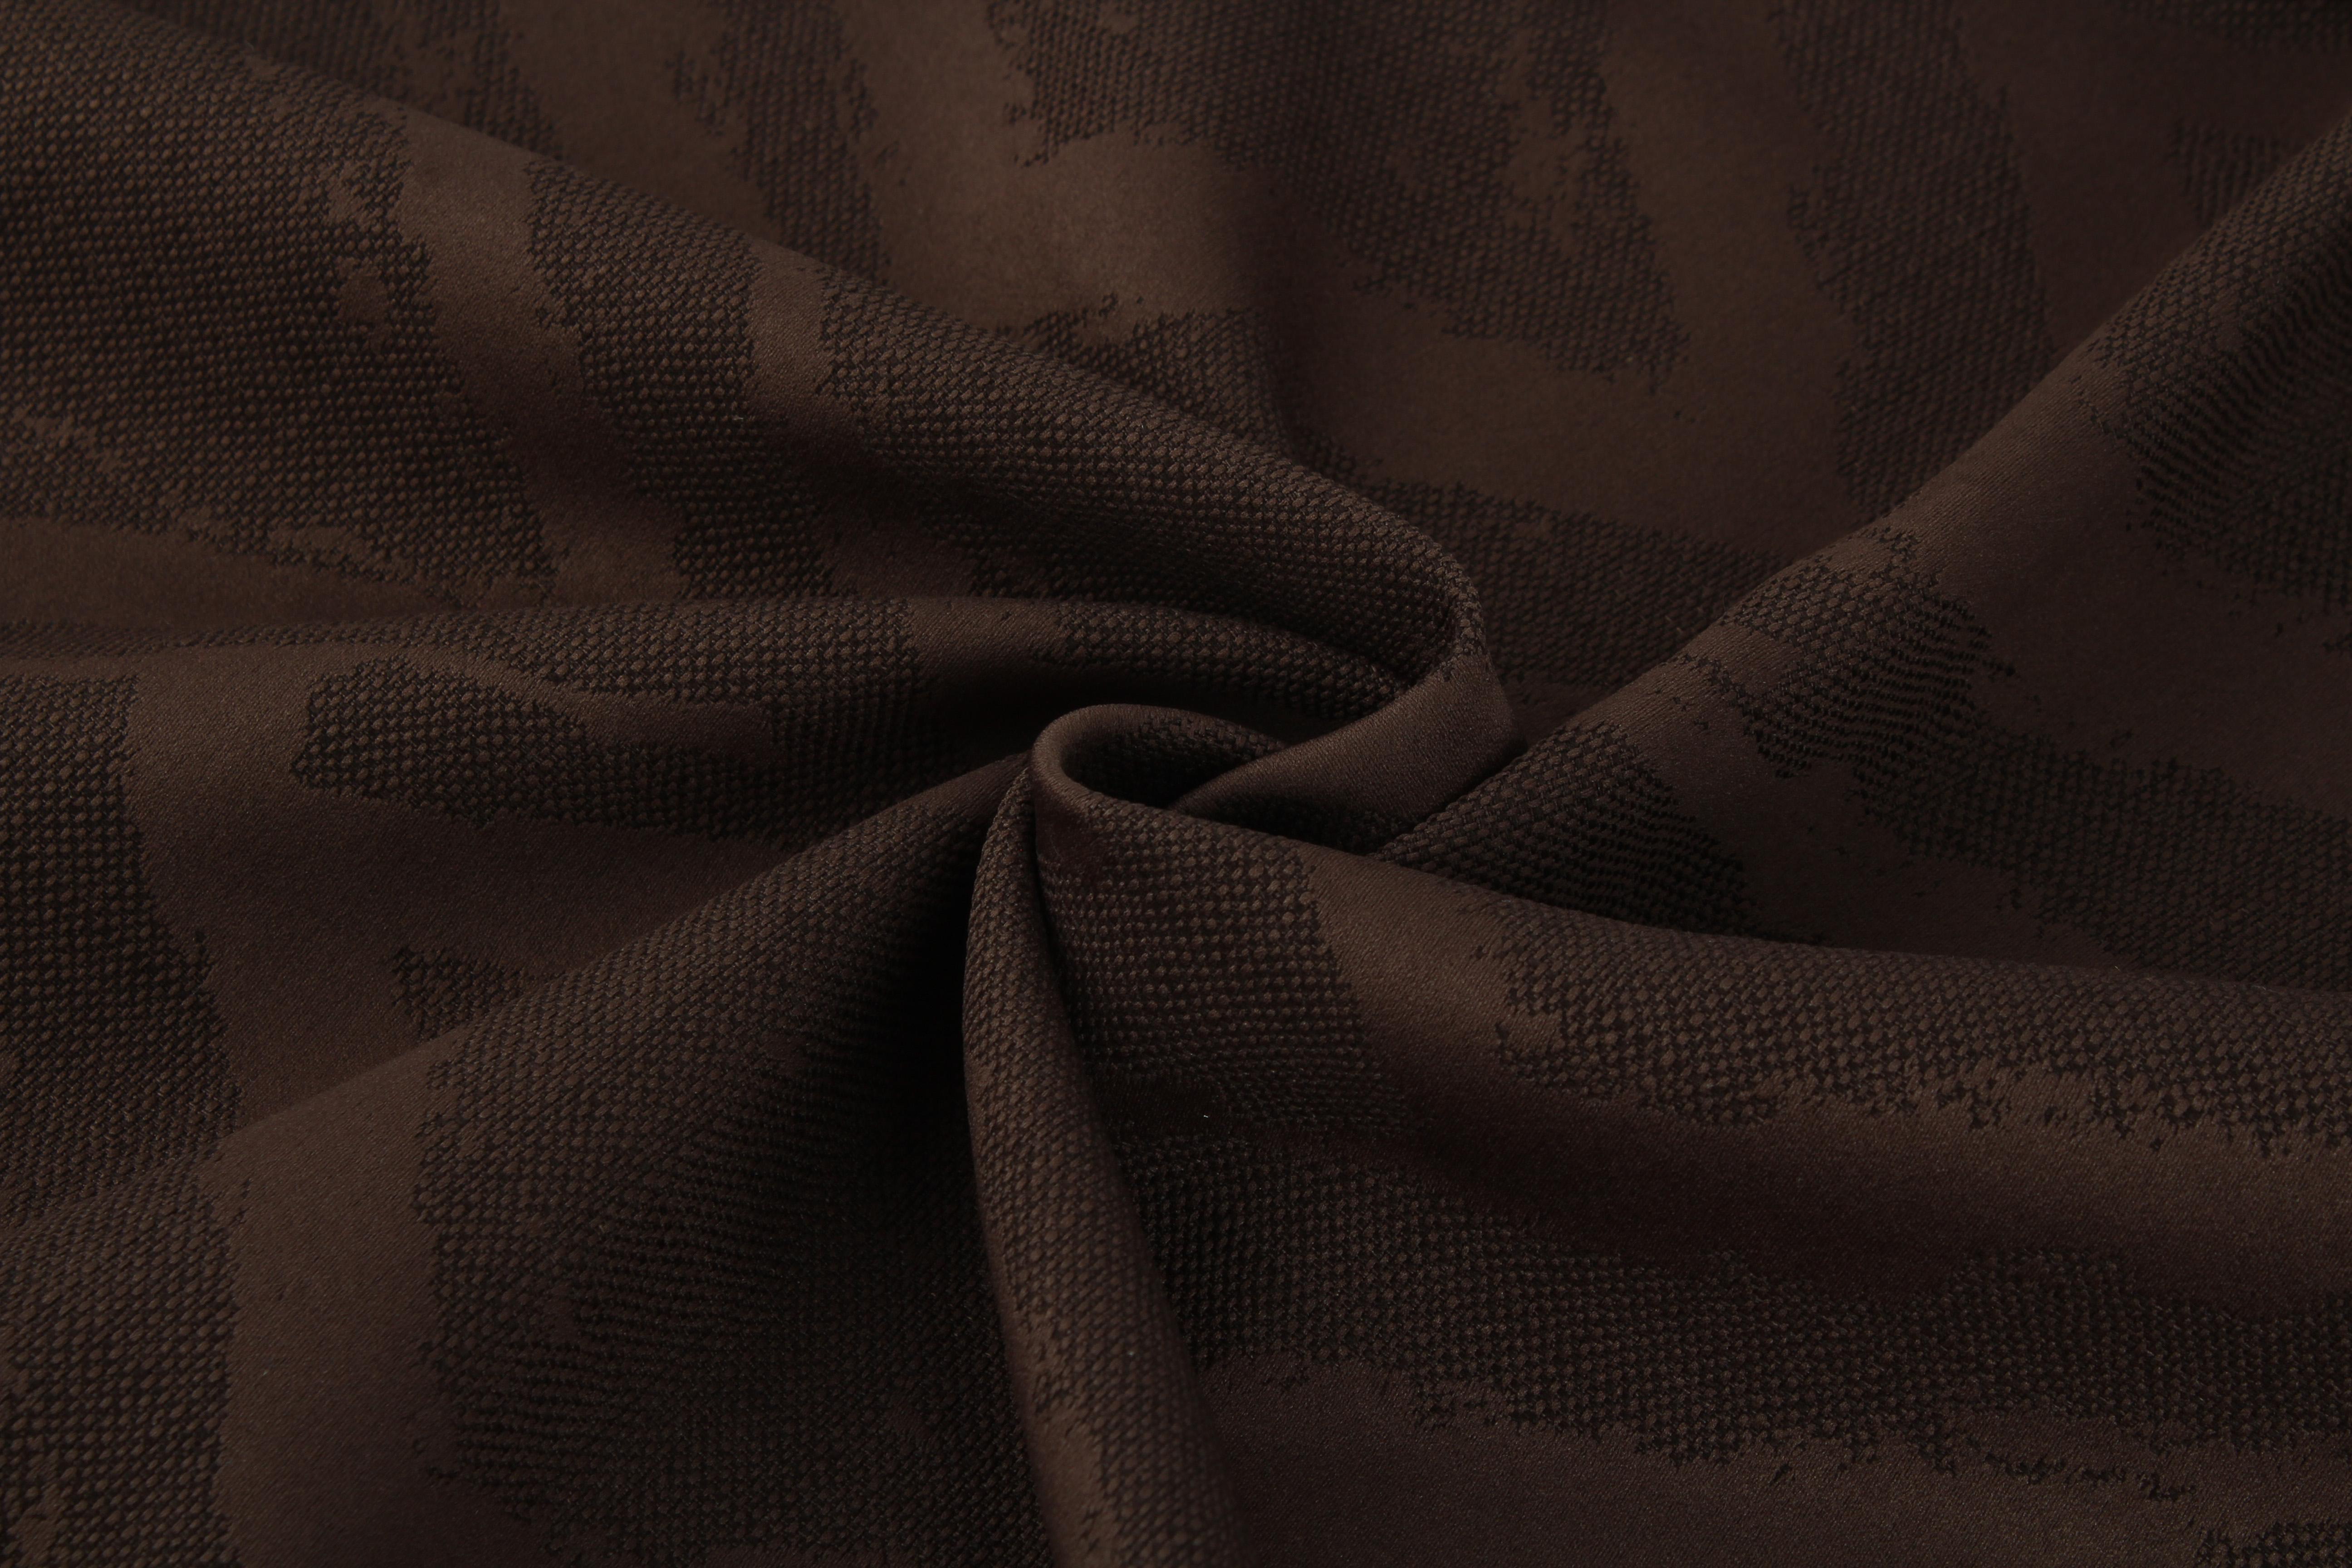 Купить Ткани TexRepublic, Материал Жаккард Rhombuses Цвет: Шоколадный, Китай, Коричневый